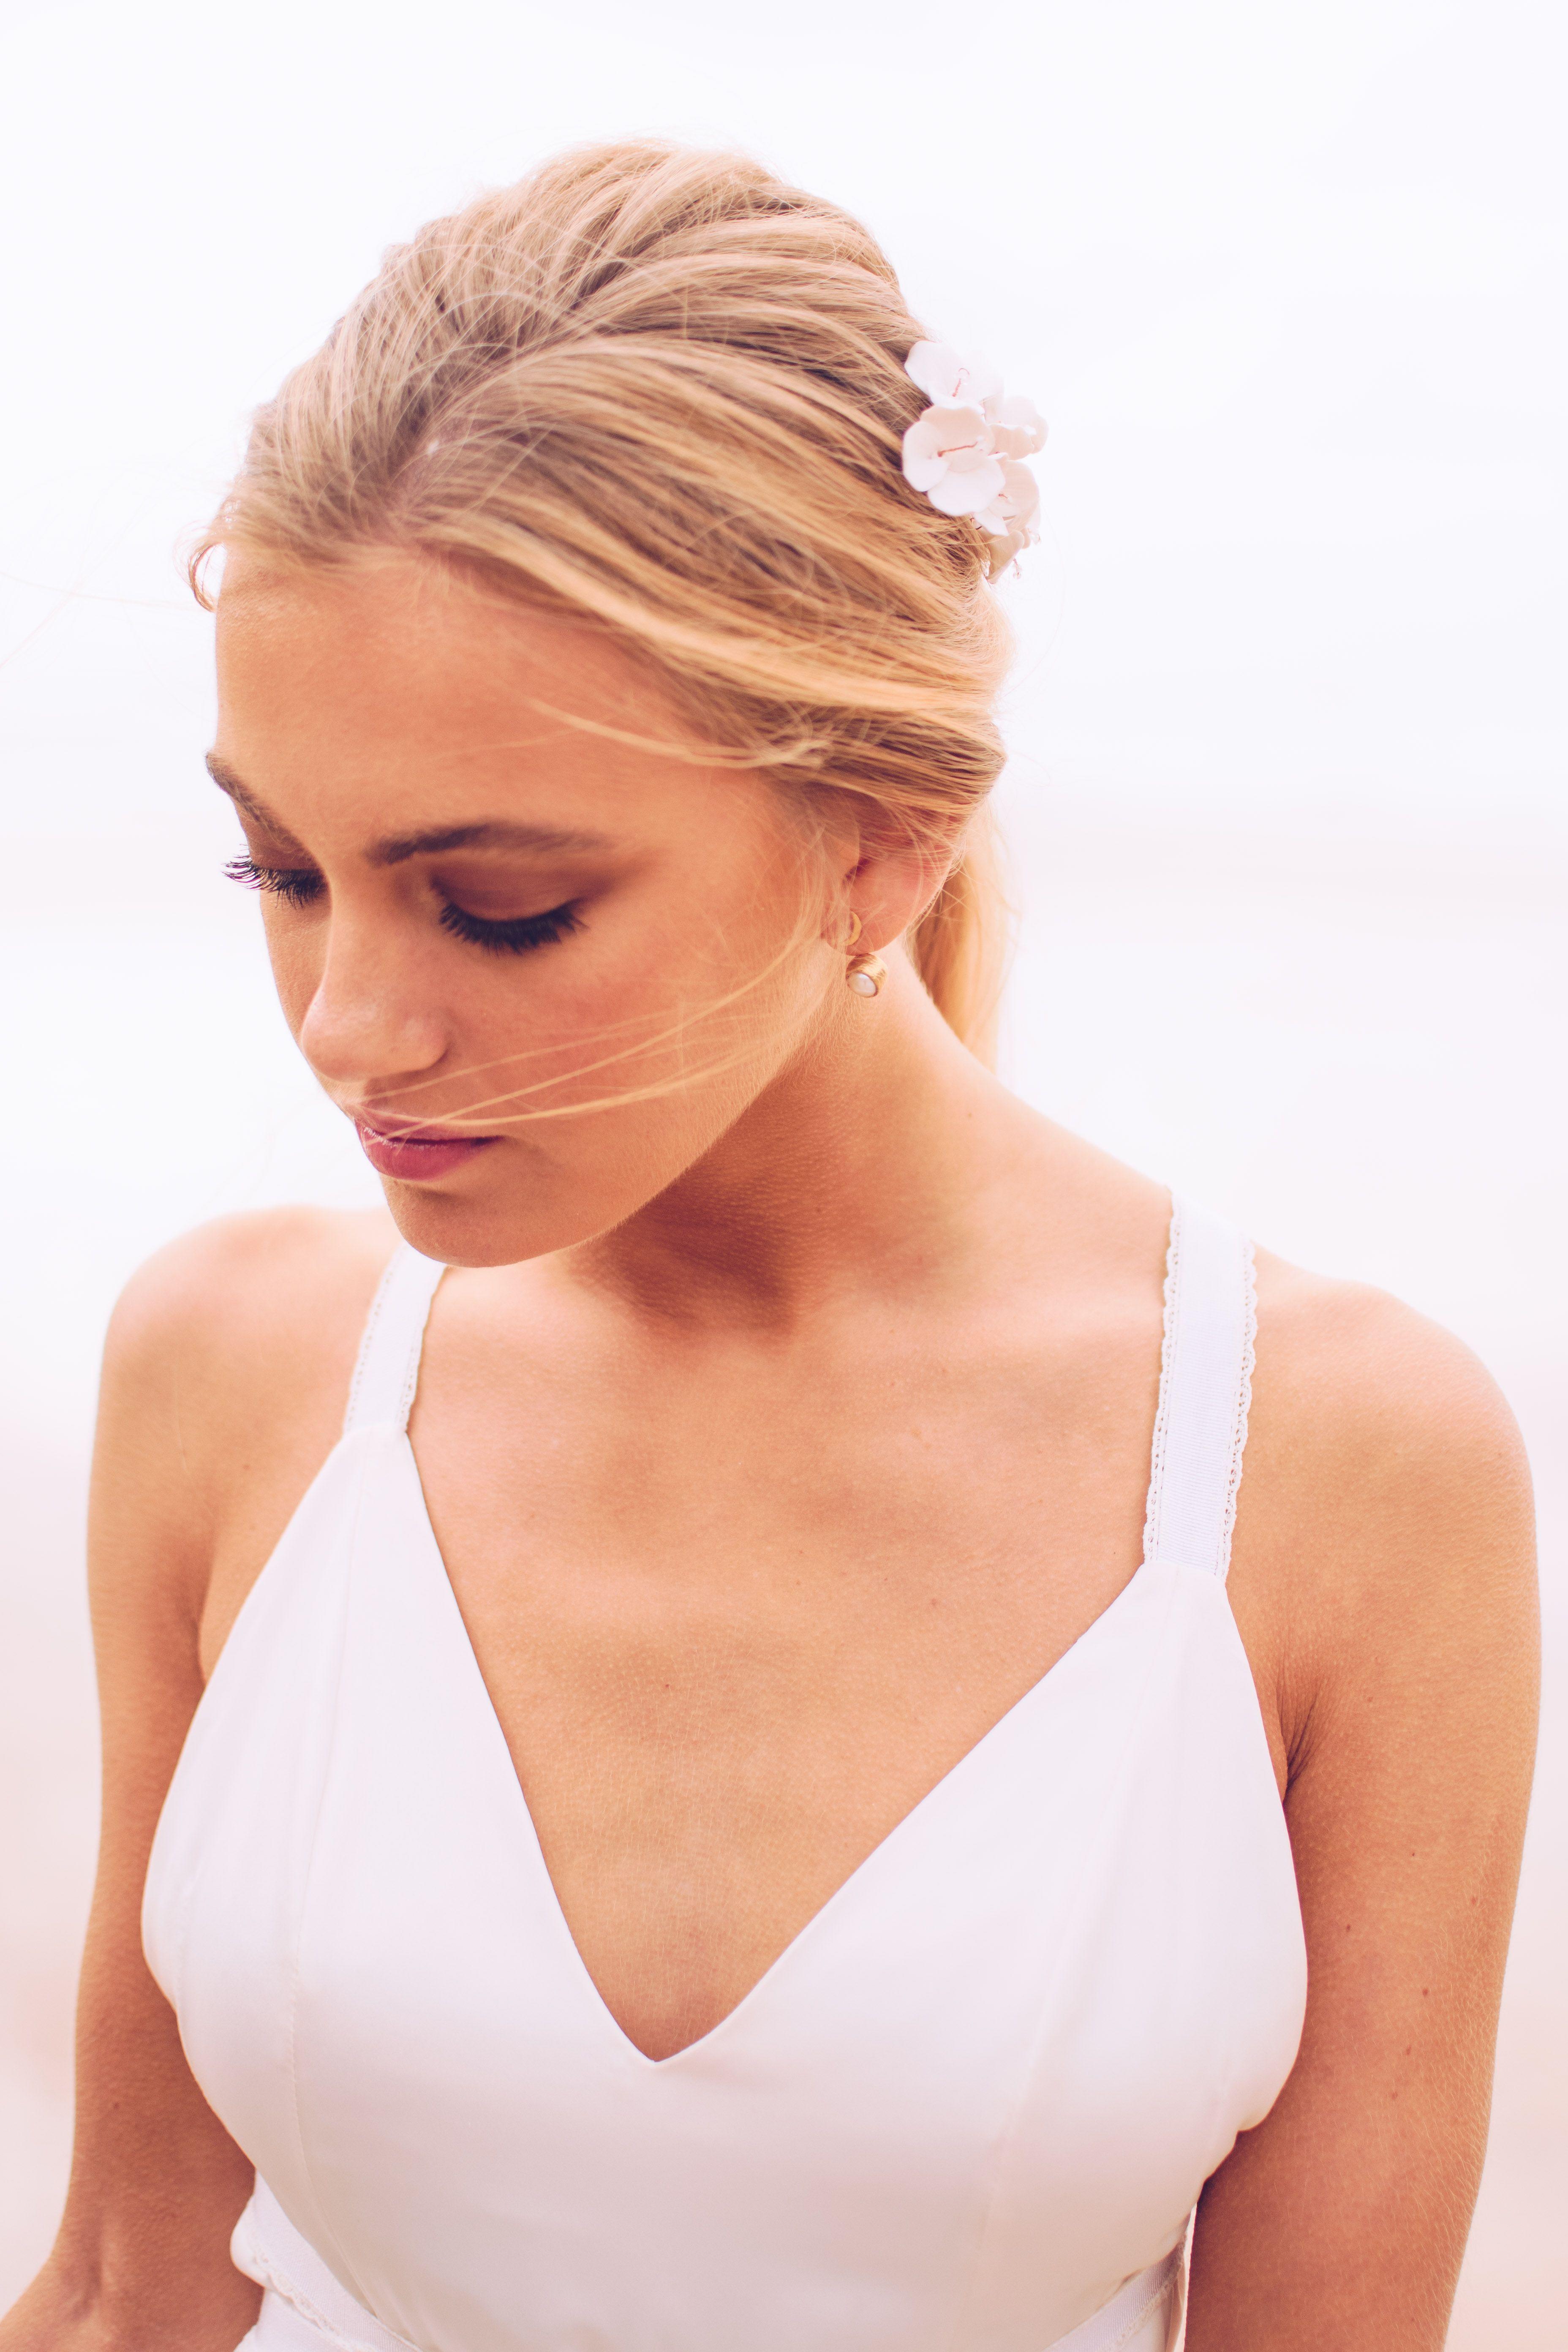 40c1f4cce576 Luna Wedding Dress - Sophie Rose Bridal - Boho Wedding Dress - Simple Wedding  Dress - Relaxed Wedding Dress - Barn Wedding - Beach Wedding - Country  Wedding ...